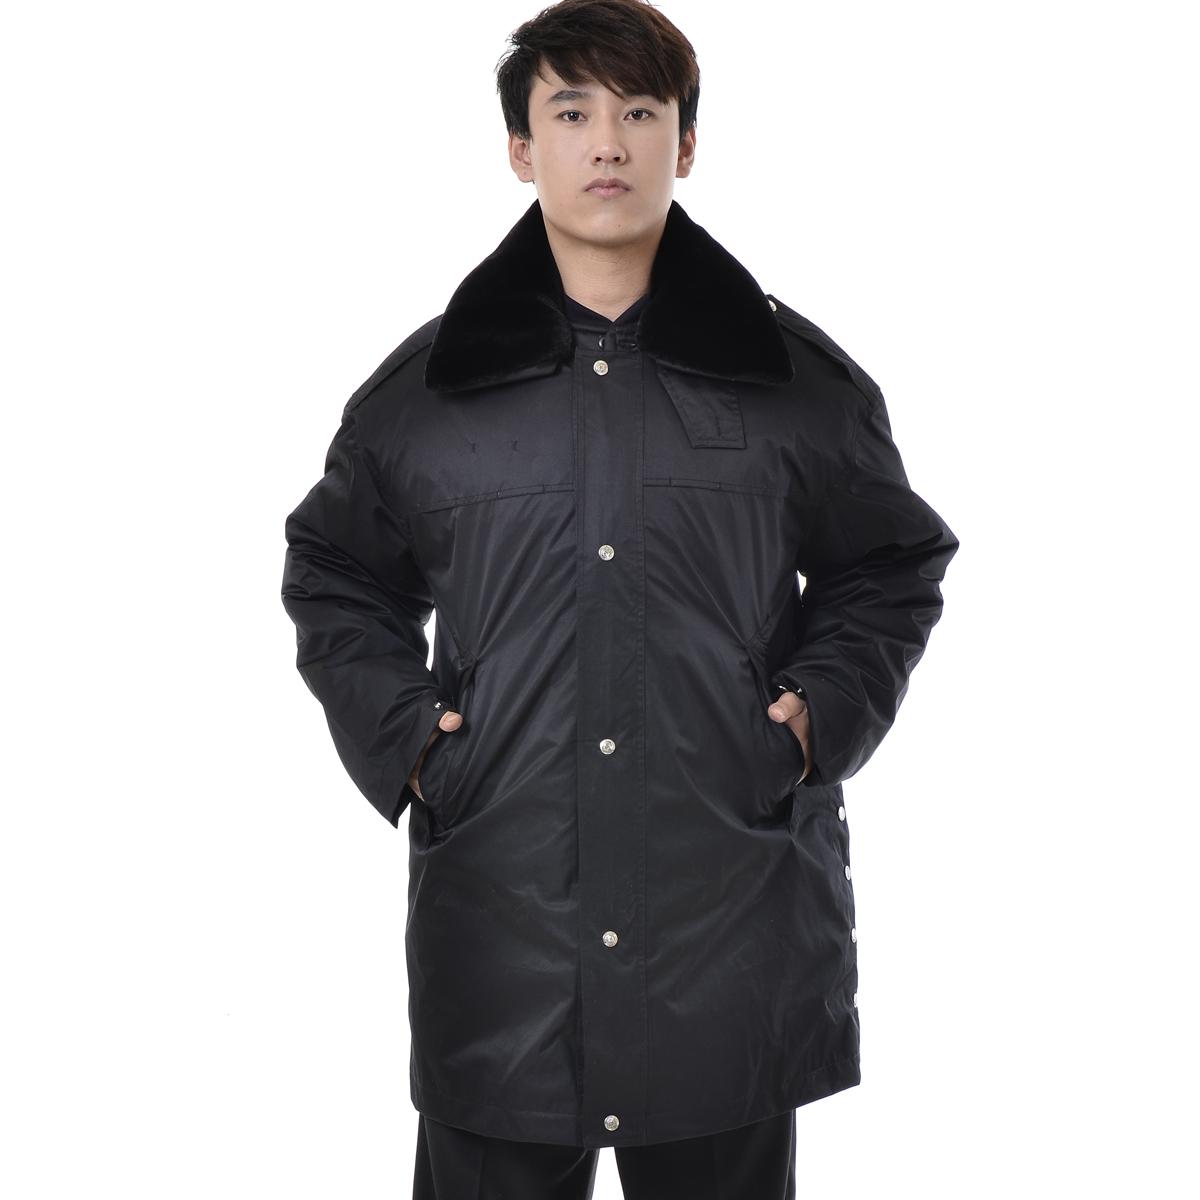 Спецодежда Yiyou stack Q46 Для охранников Зимняя